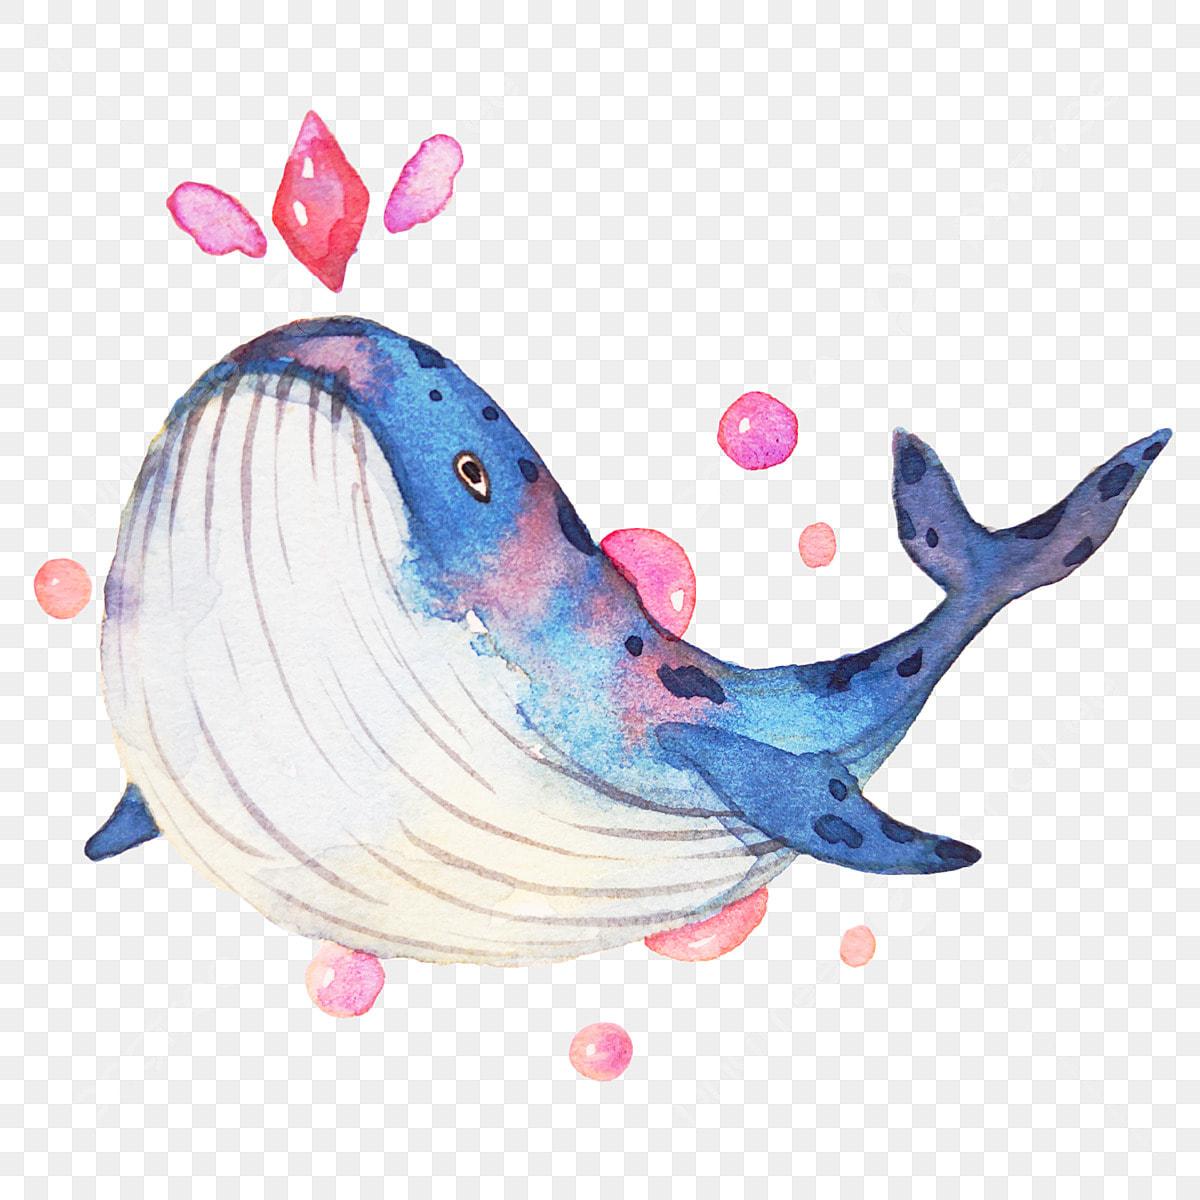 Baleine Bleue Baleine Aimante Illustration De Dessin Anime Illustration De Baleine Dessin Baleine Illustration De Baleine Fichier Png Et Psd Pour Le Telechargement Libre